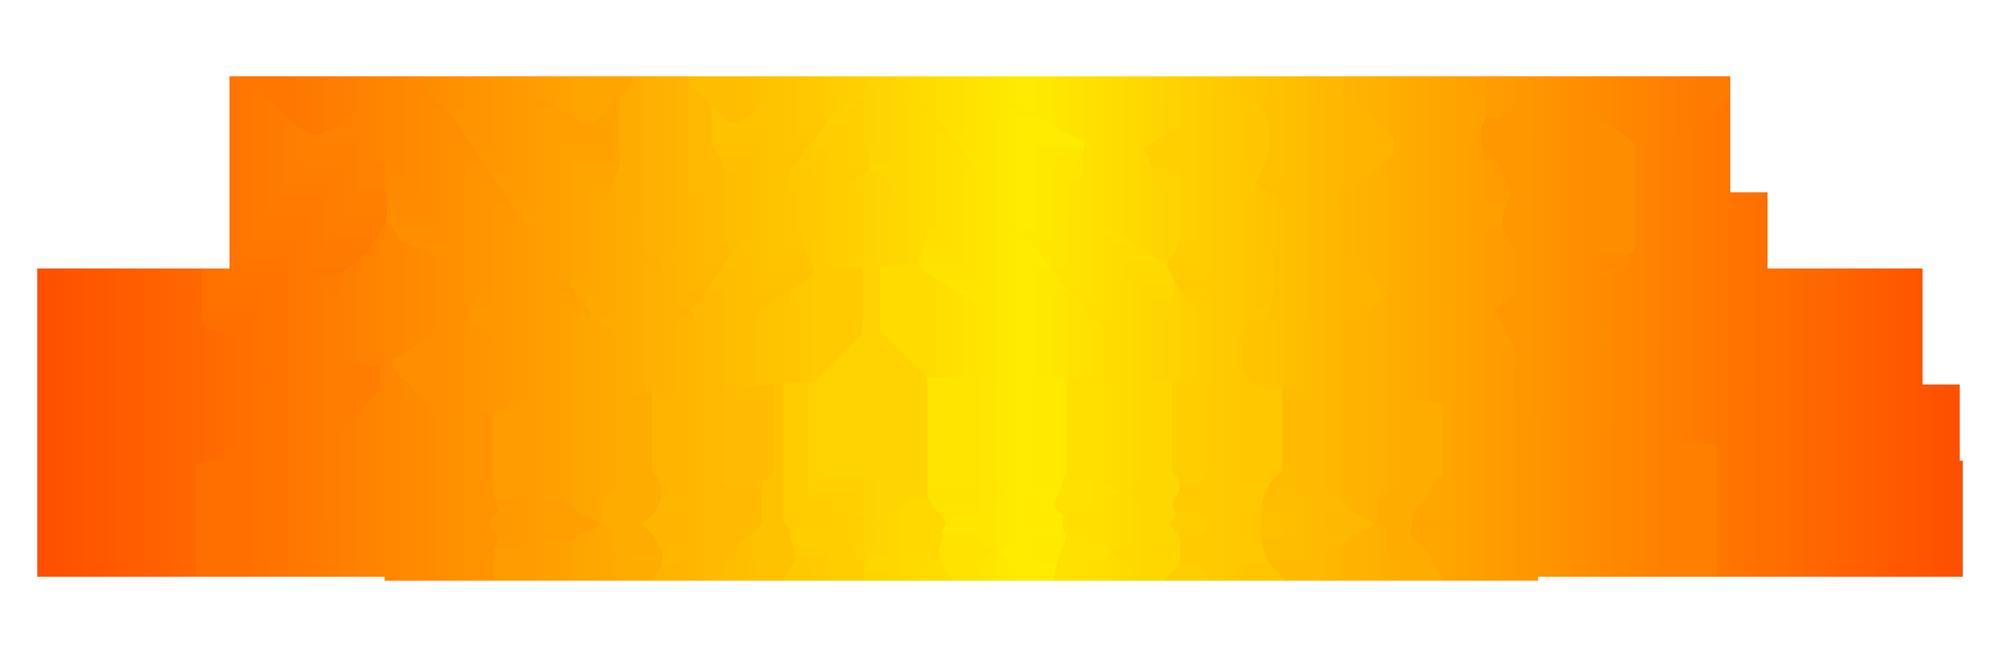 アヴァベル クラシック ロゴ